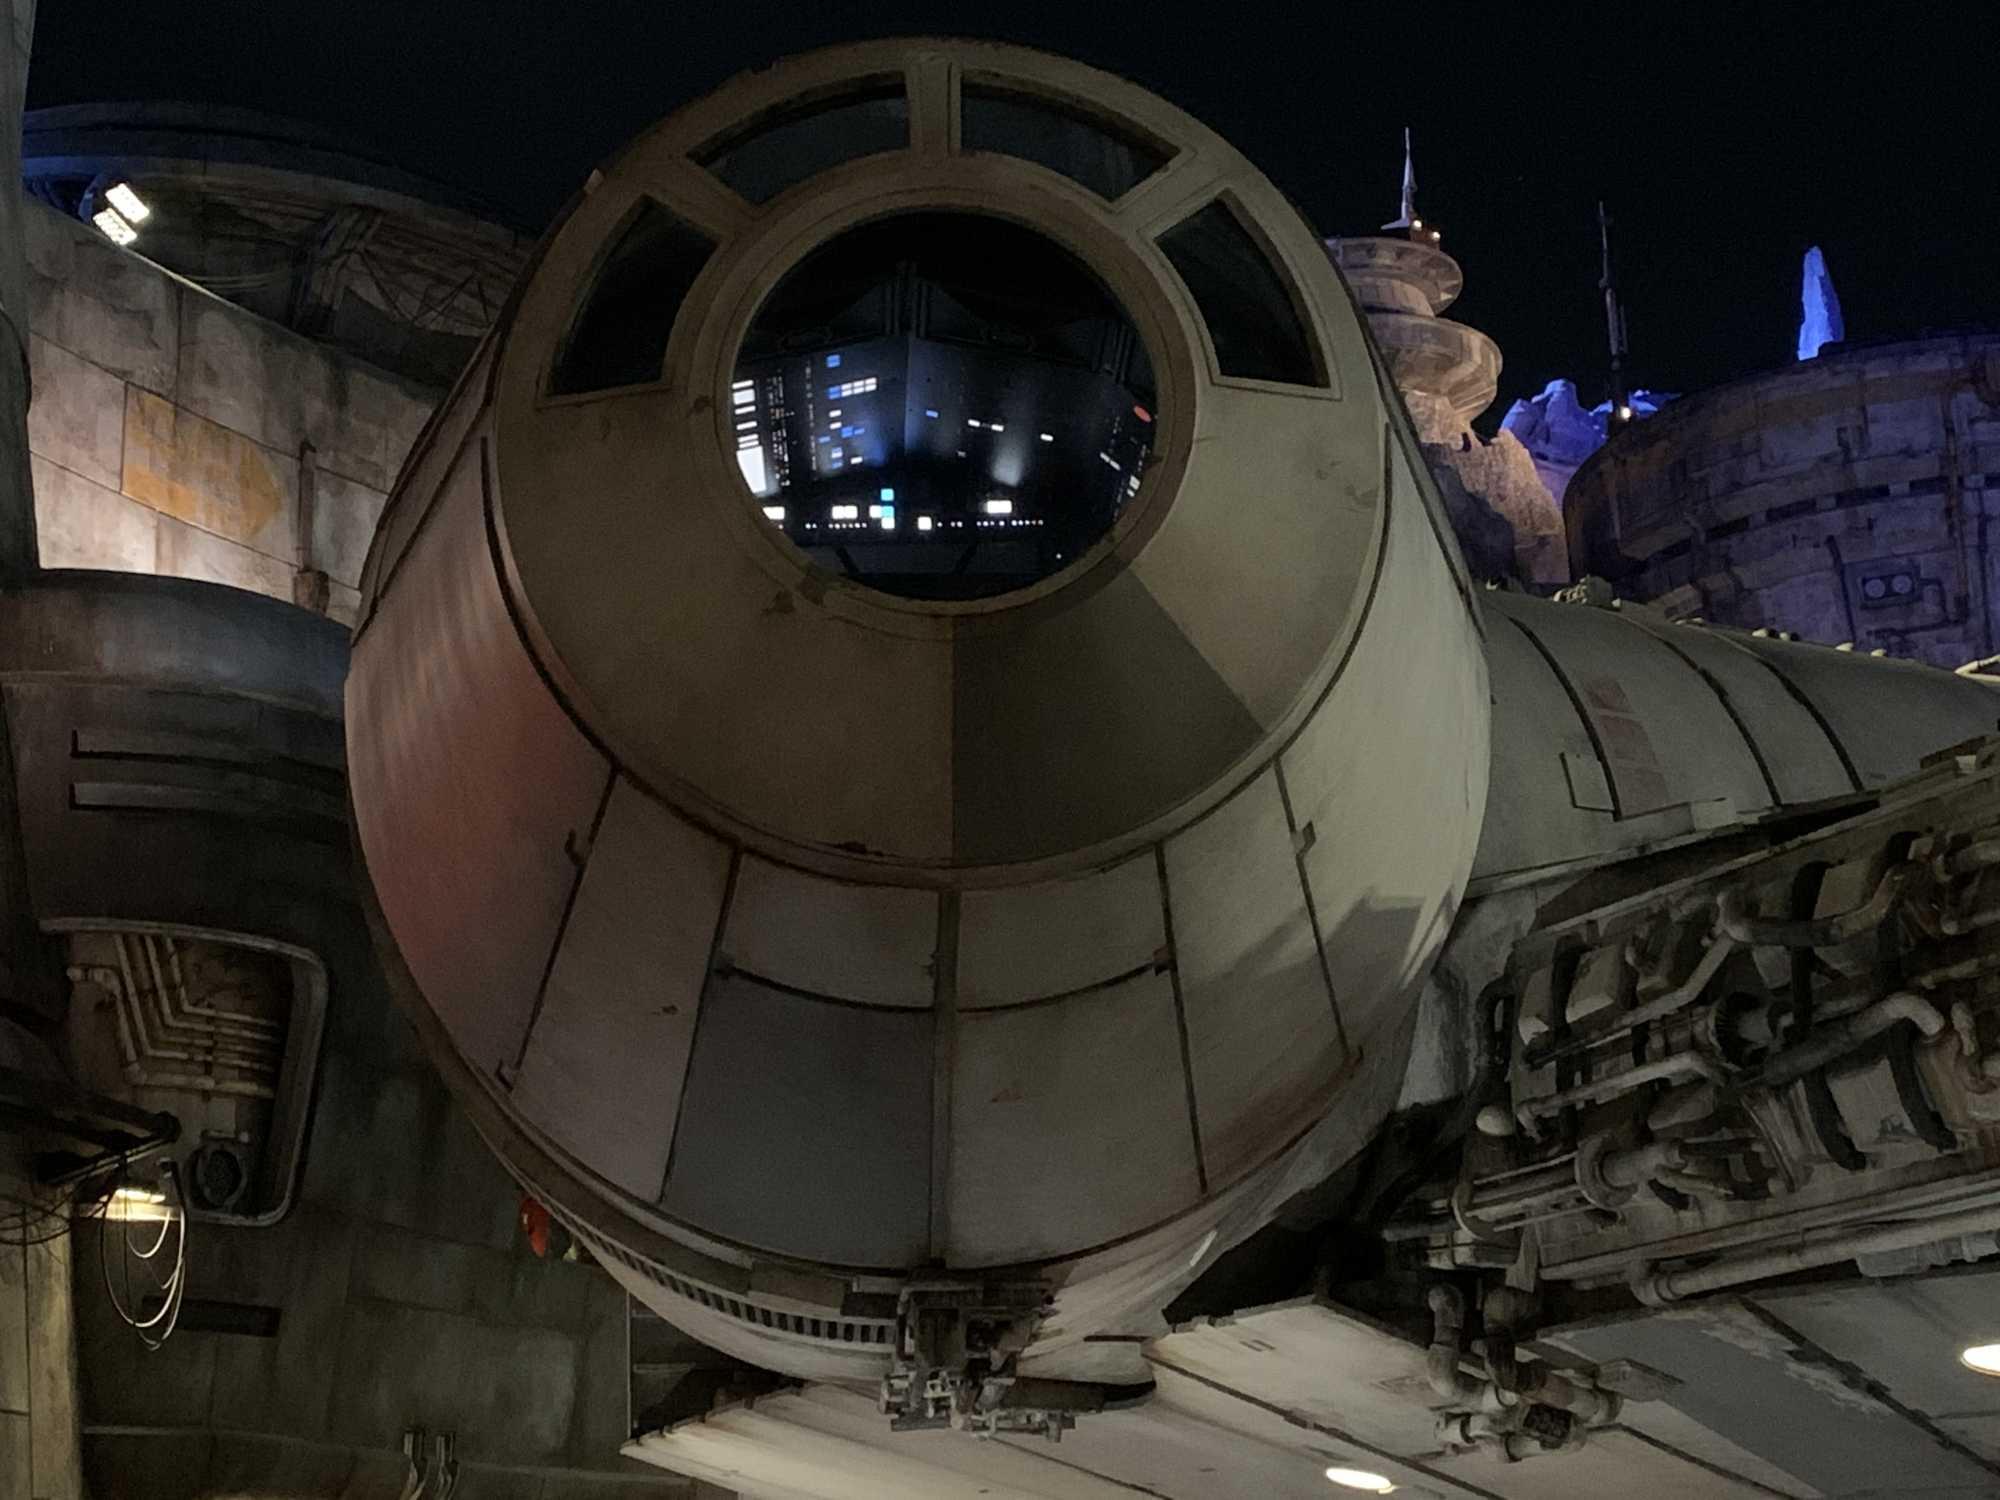 Der Hingucker von Galaxy's Edge ist der originalgetreue Millennium Falke. Abends kann man in das beleuchtete, aber leider unbesetzte Cockpit des Falken schauen.